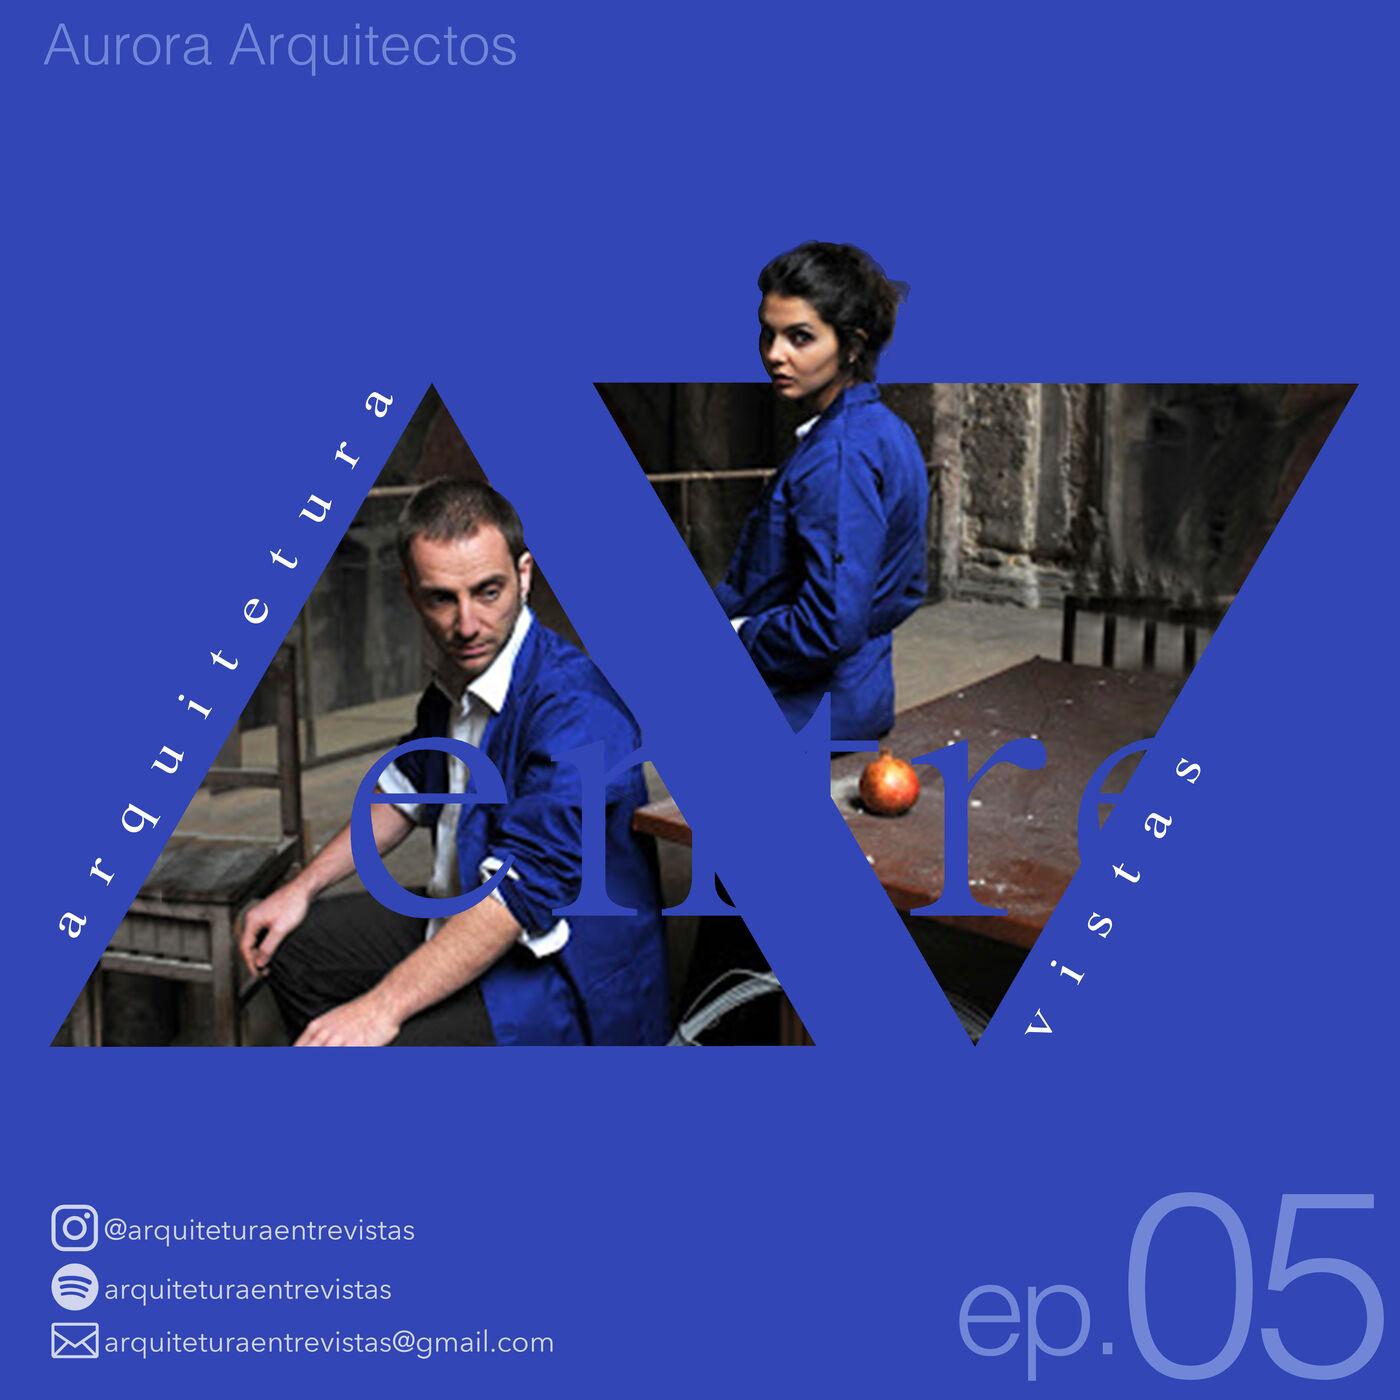 EP.5 Aurora Arquitectos, Arquitetura Entre Vistas